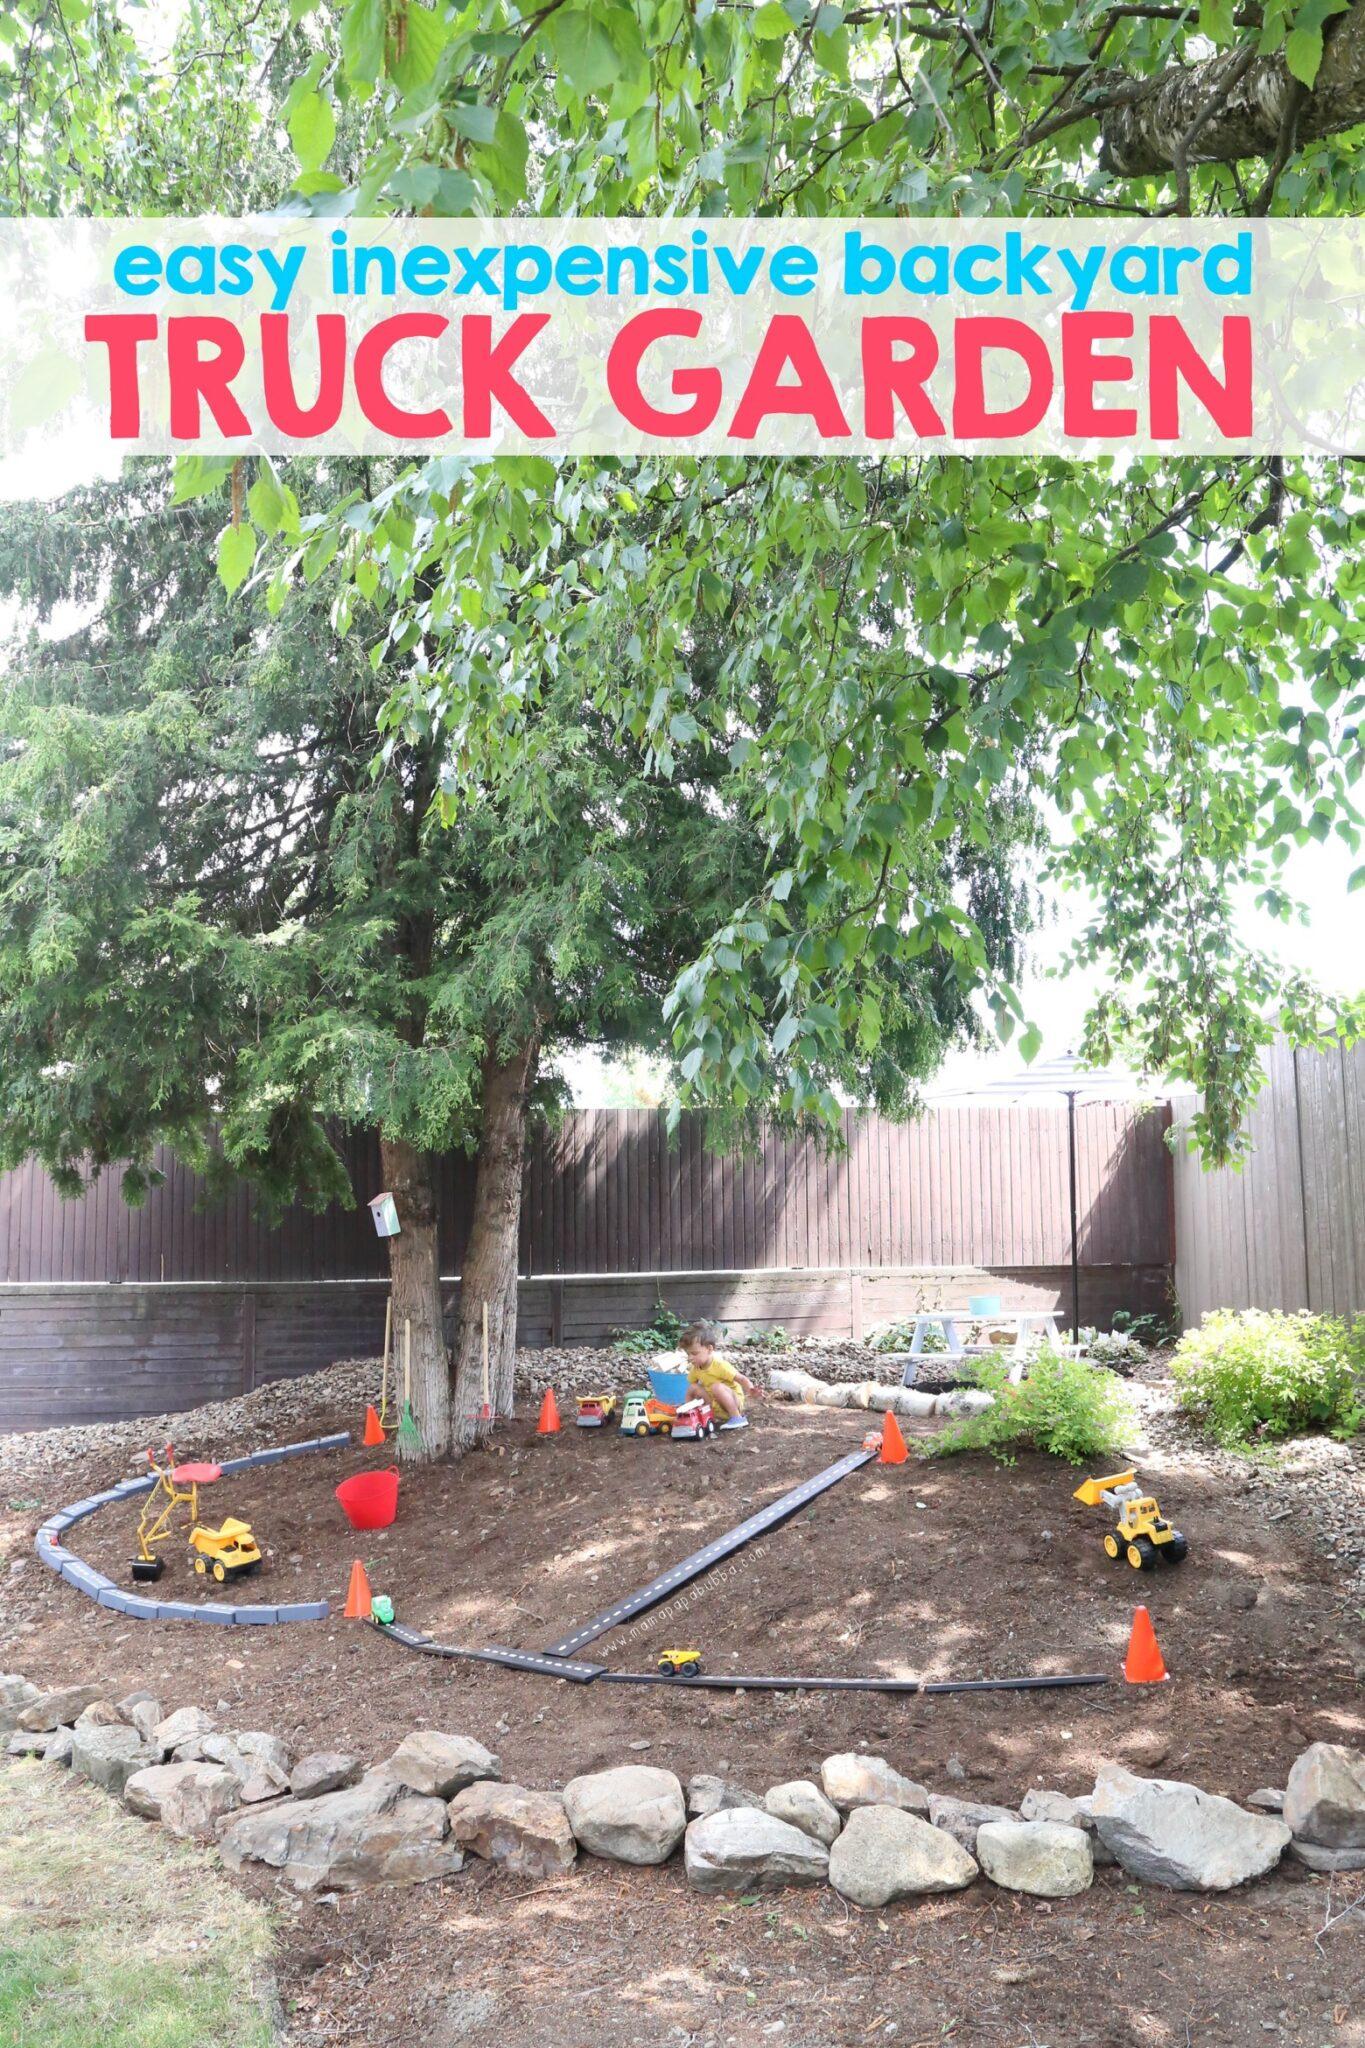 Backyard Truck Garden | Mama Papa Bubba